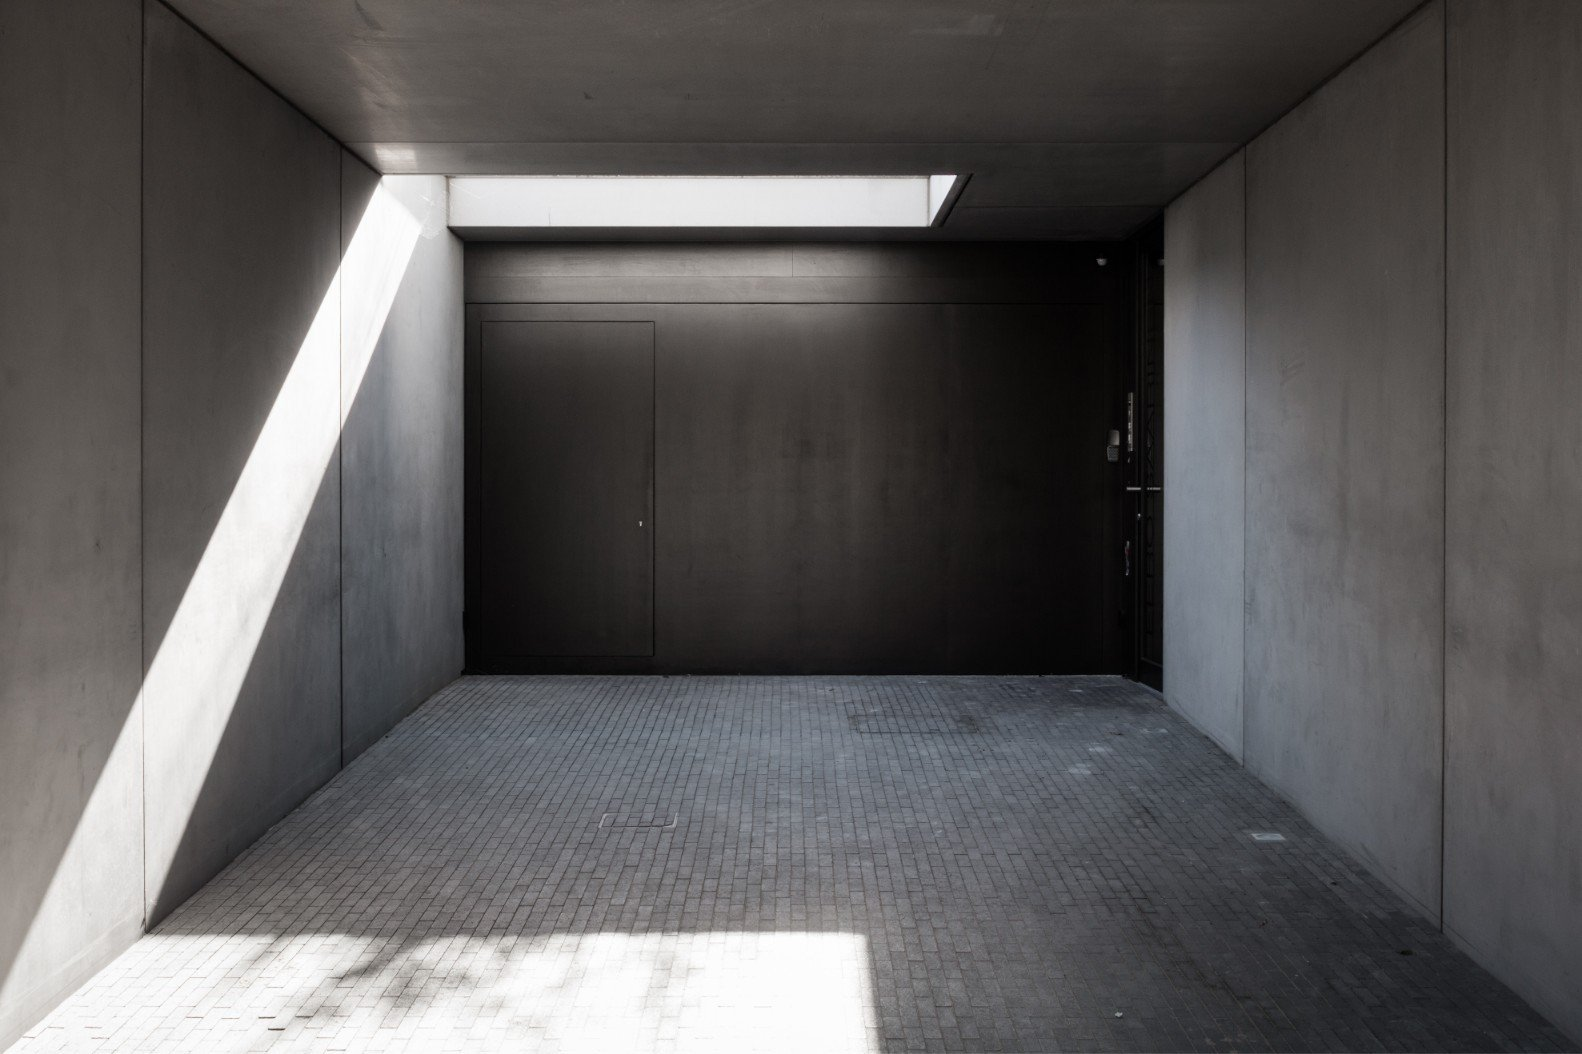 Rietveldprojects-saarinen-appartement-design-architectuur-kust-tvdv4.jpg